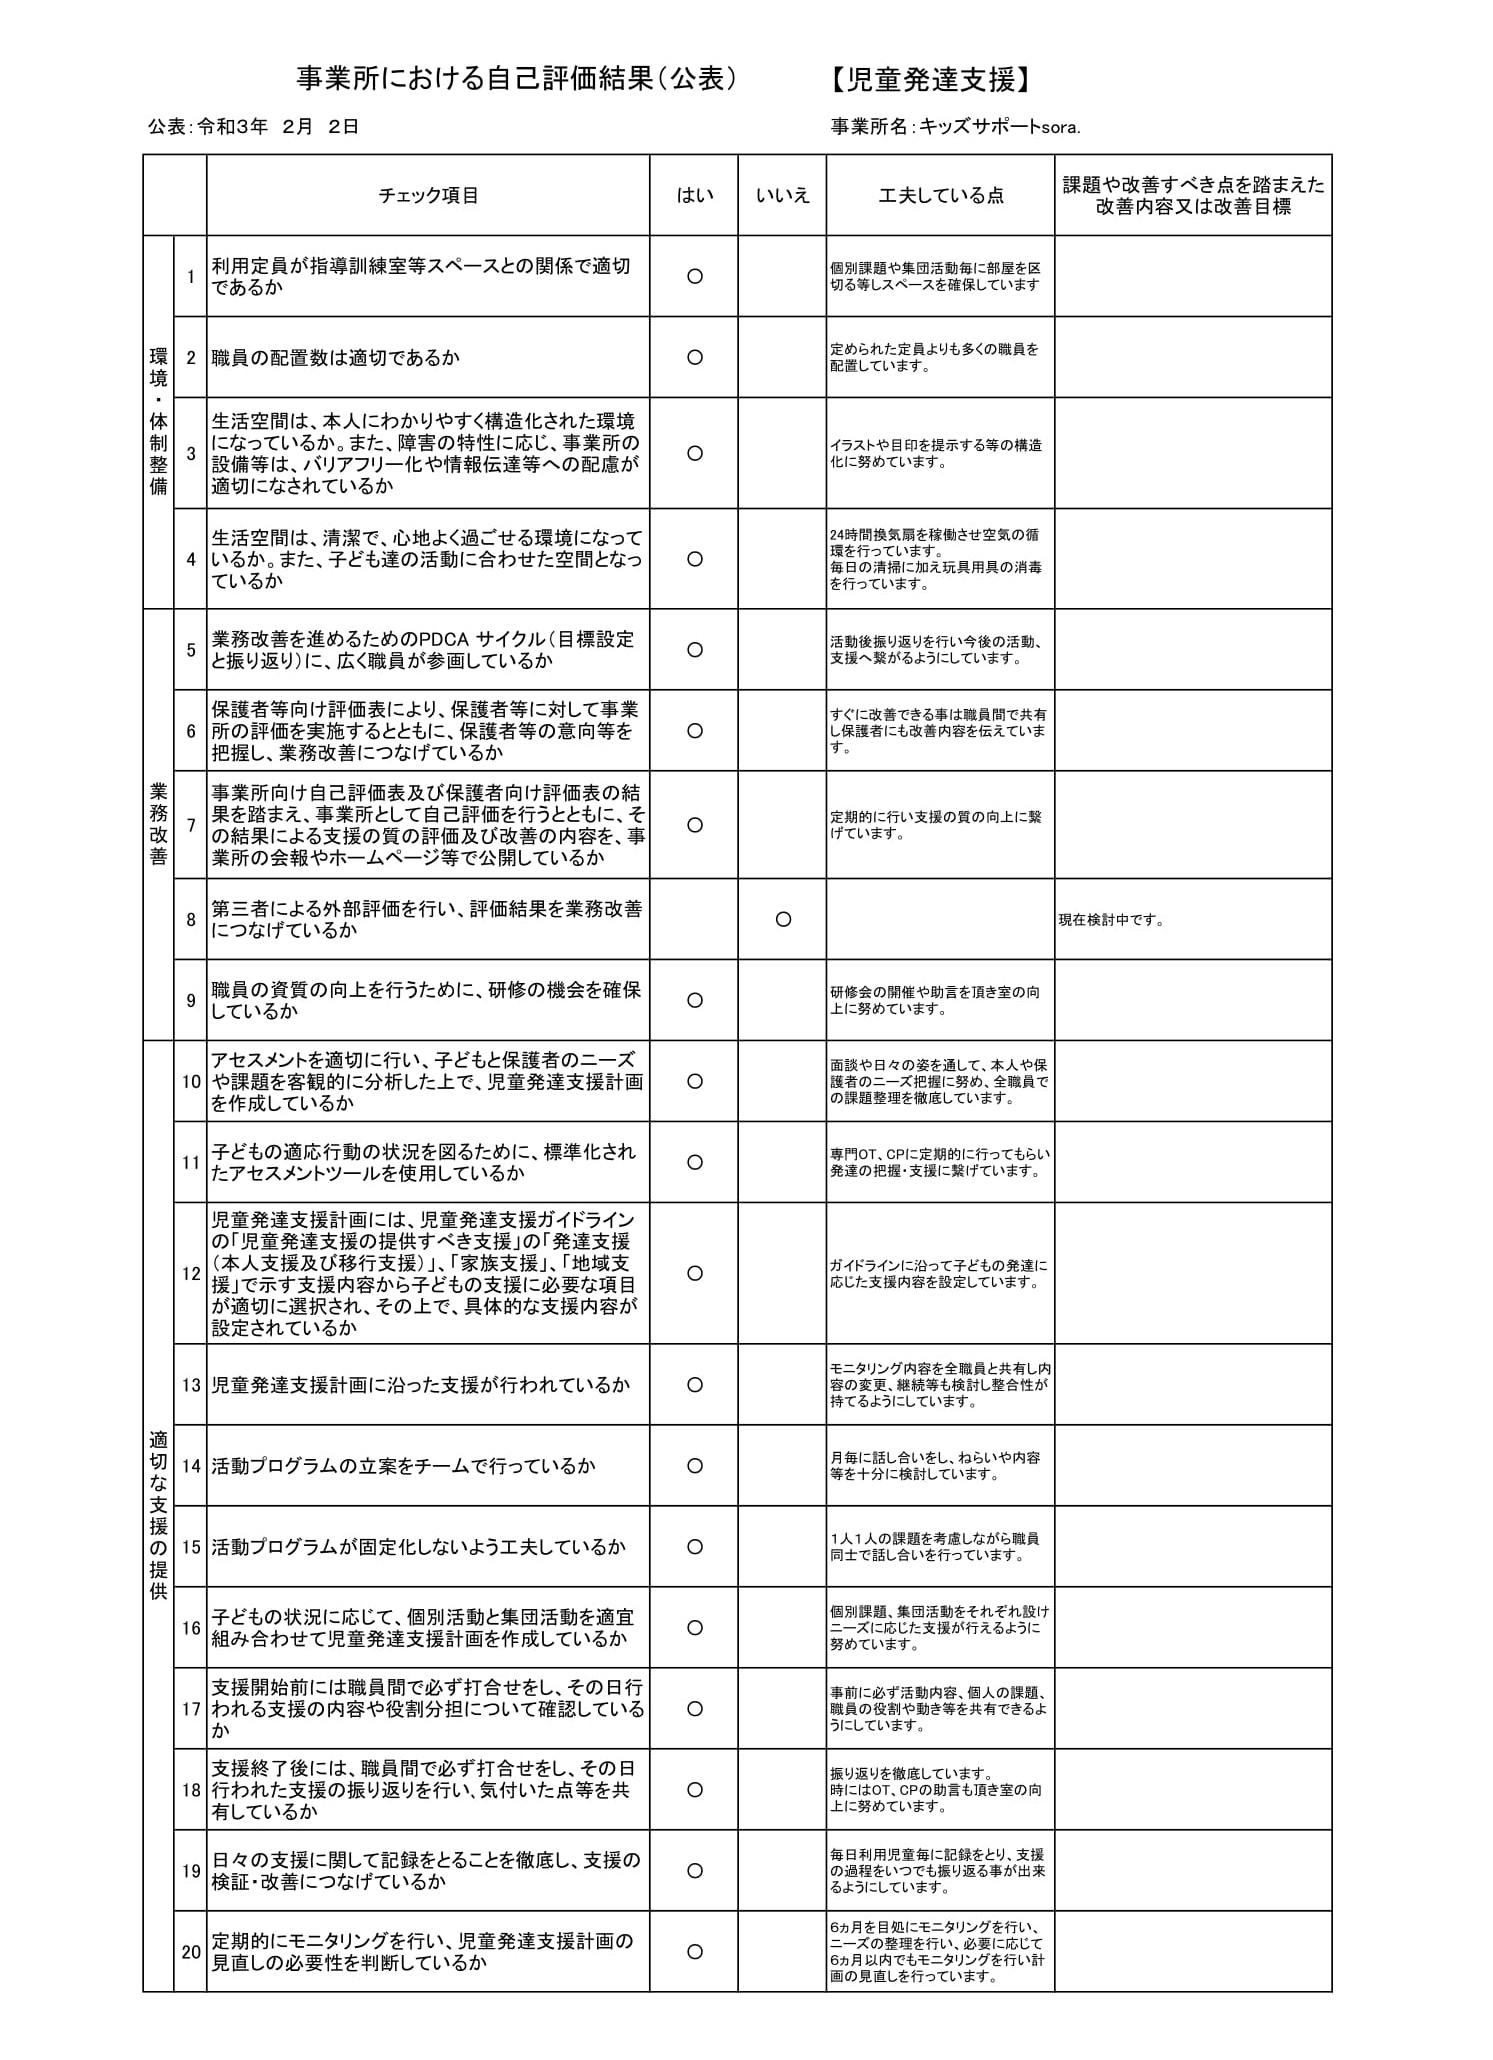 事業所における自己評価結果【児童発達支援】(sora.)